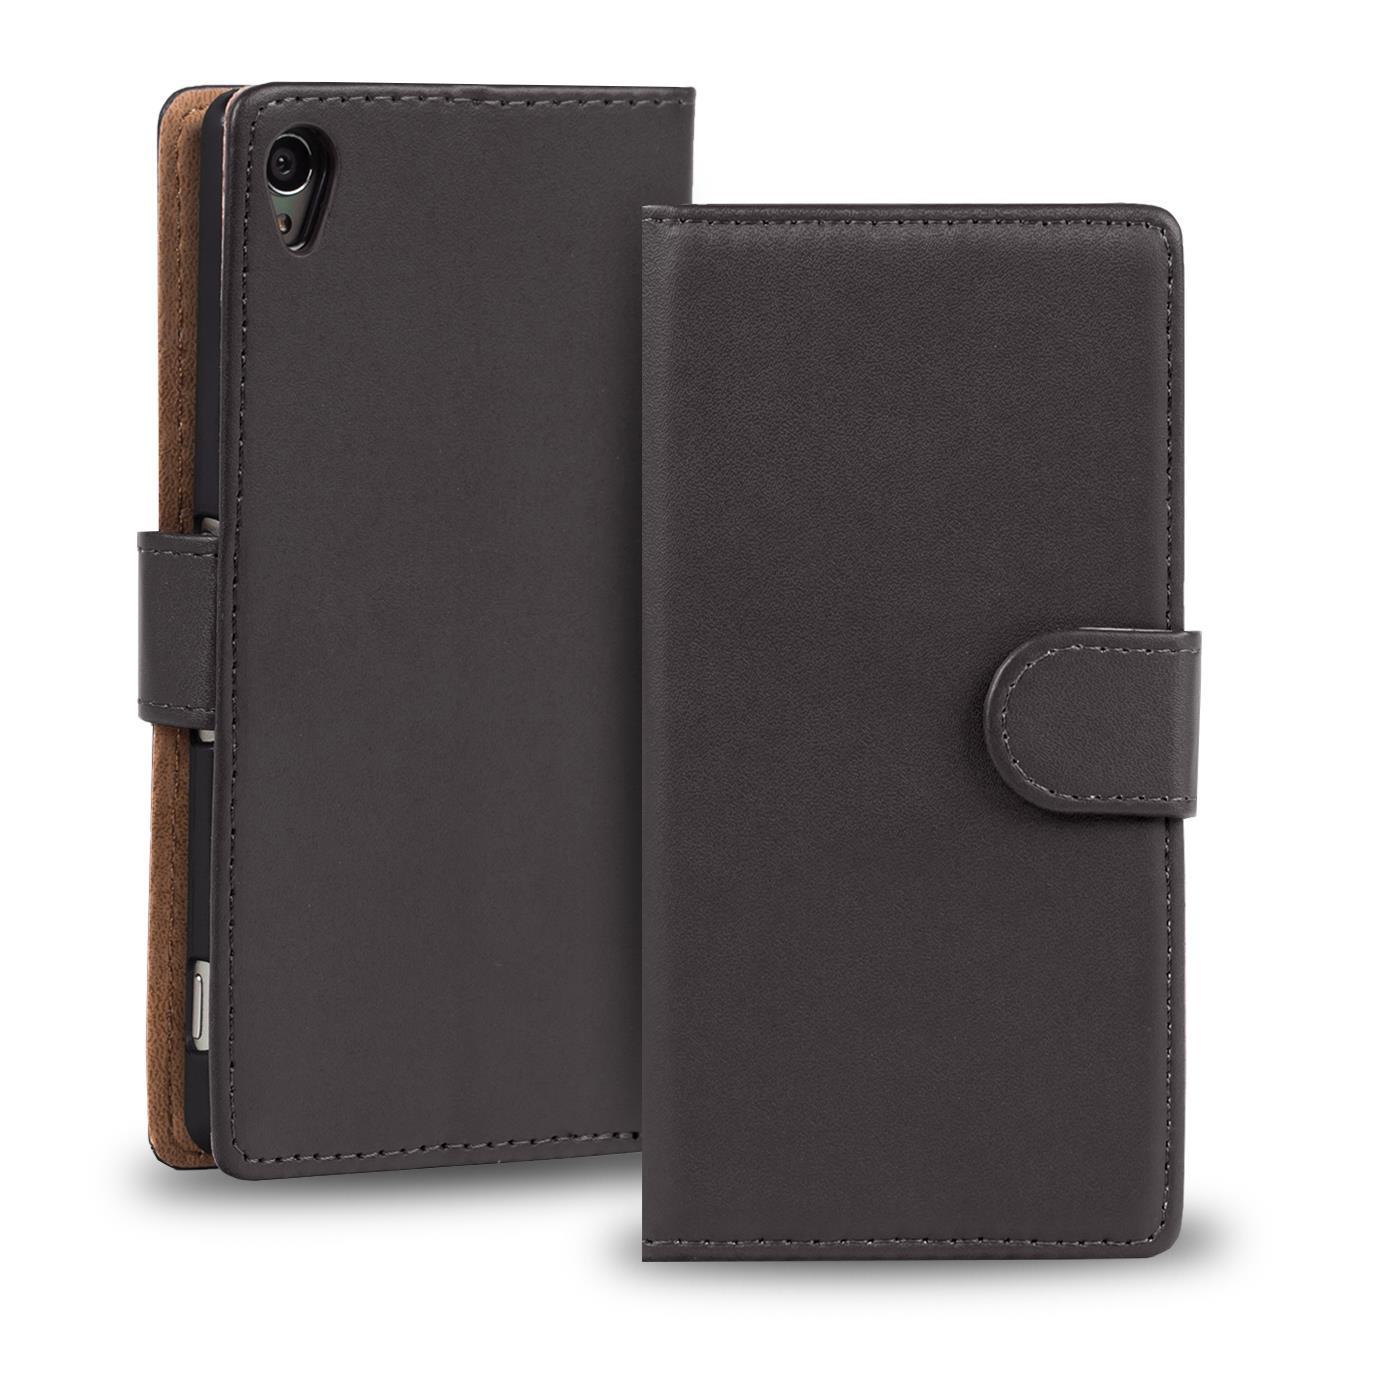 Handy-Huelle-fuer-Sony-Xperia-Case-Schutz-Tasche-Cover-Basic-Wallet-Flip-Etui